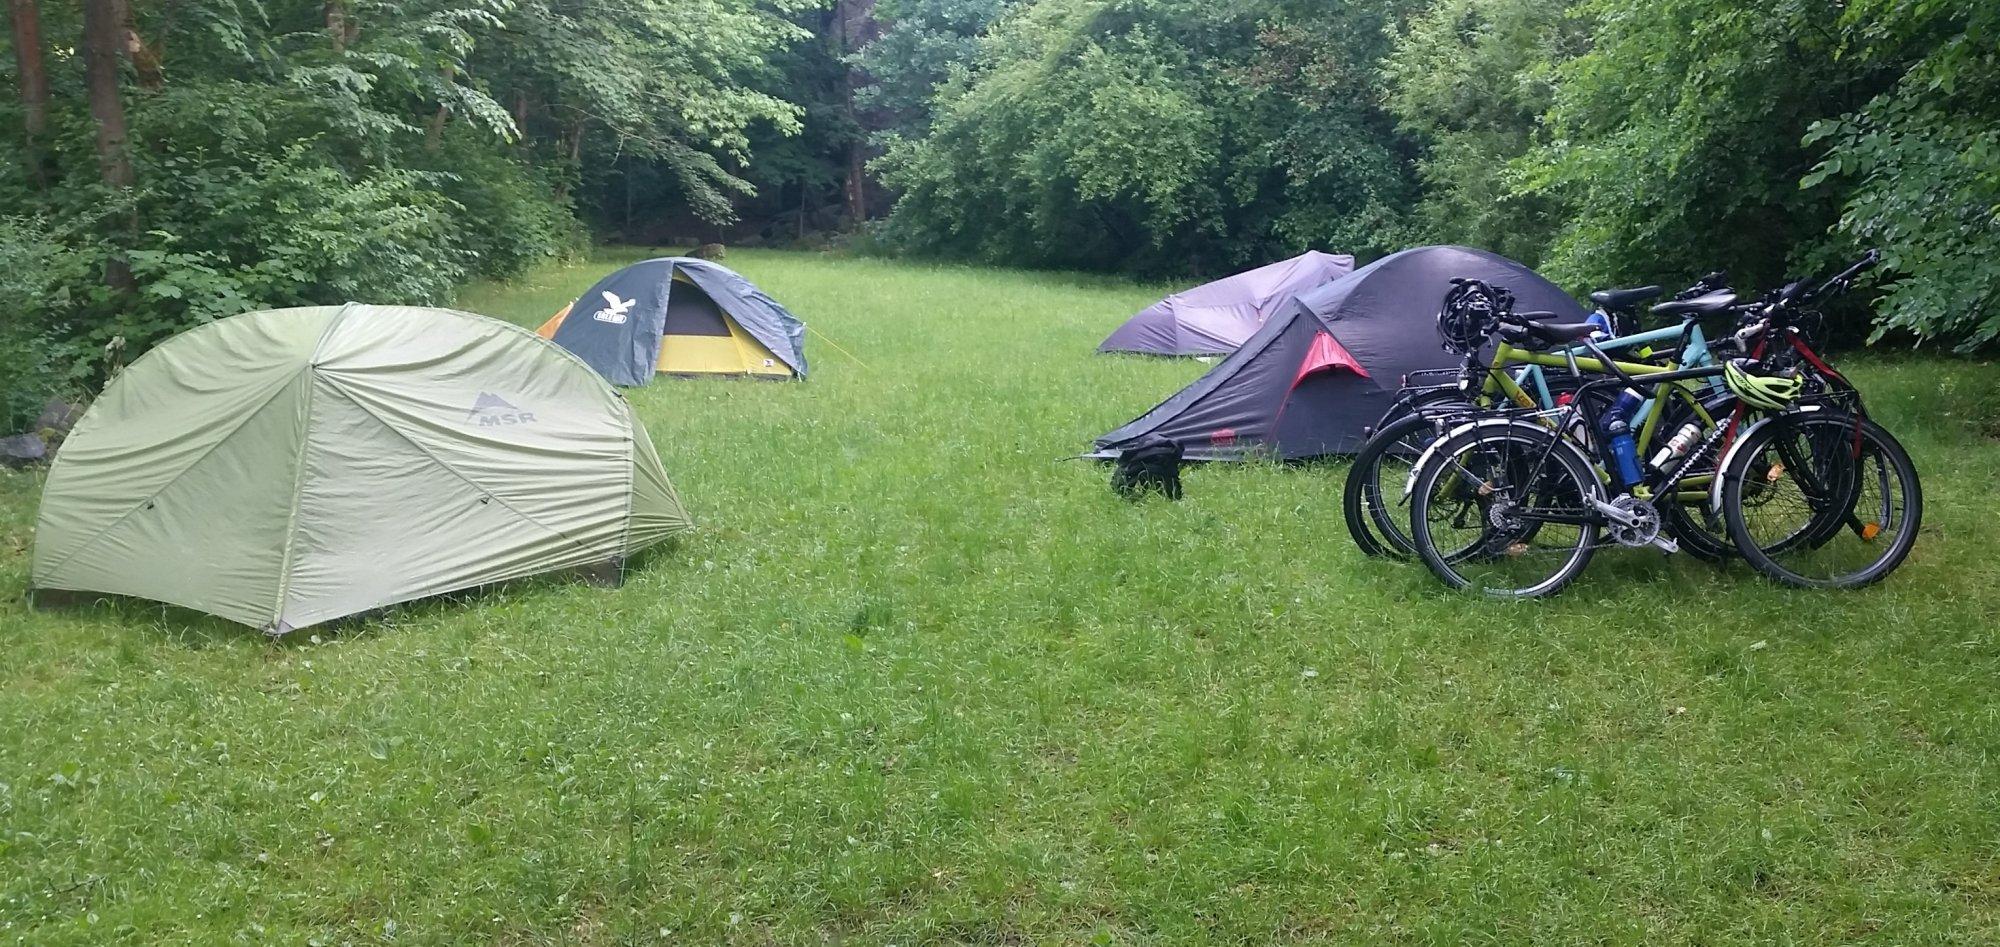 Campsite at Tibor after a damp night